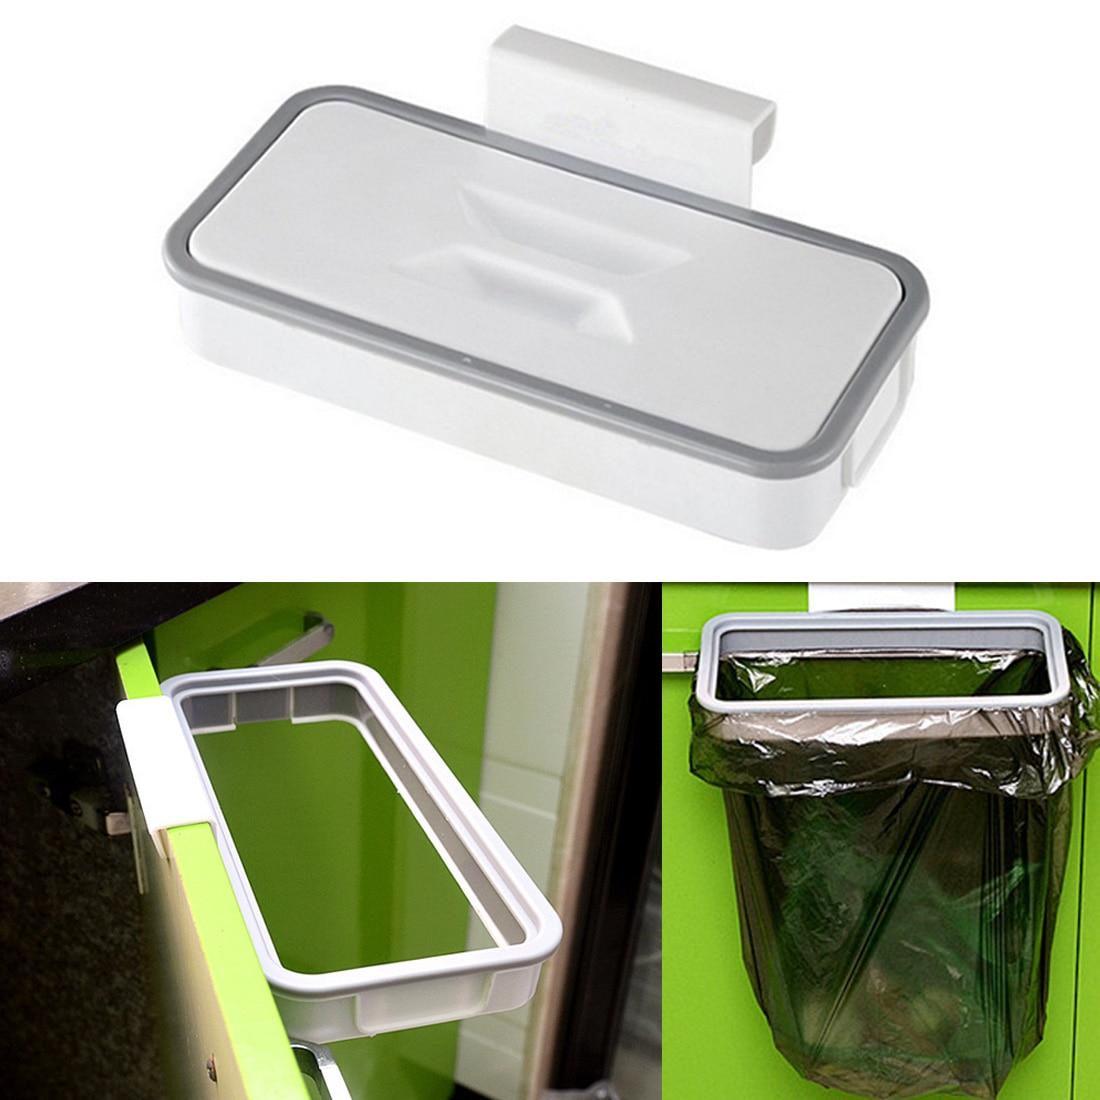 Garbage Trash Bag Holder Kitchen Tool Can Rack Plastic Hanging Holder Household